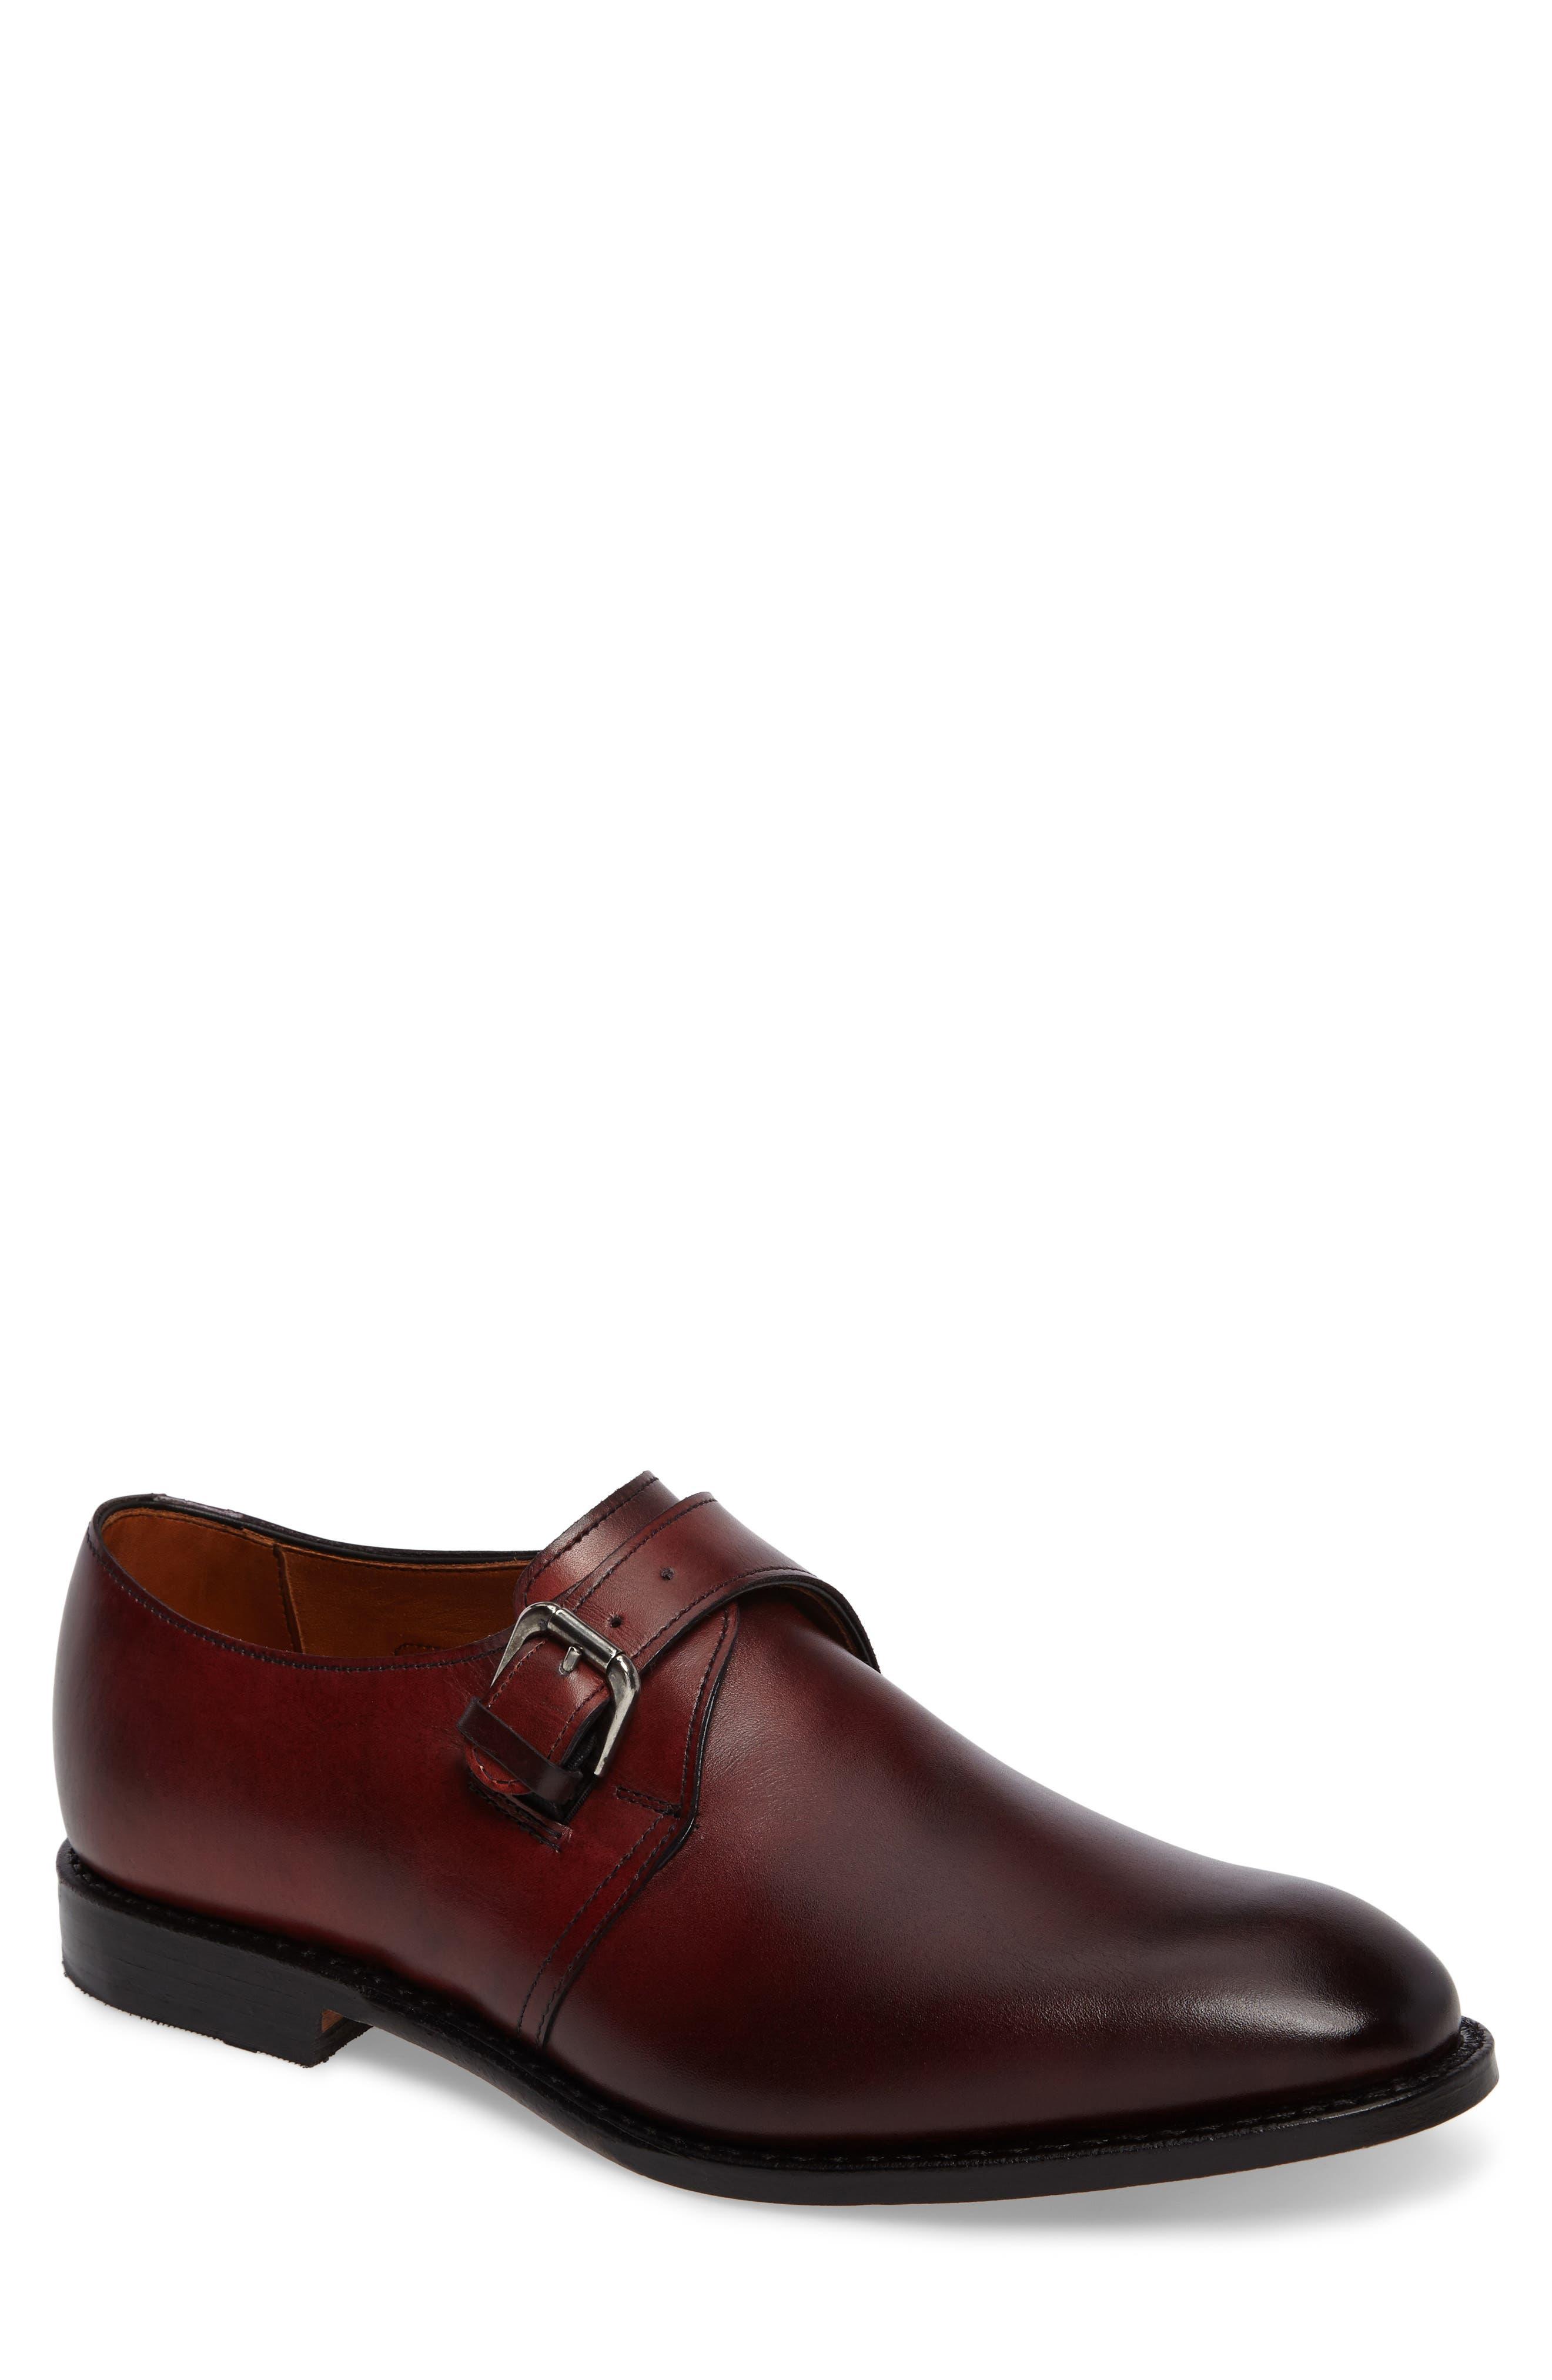 Warwick Monk Strap Shoe,                             Main thumbnail 1, color,                             932